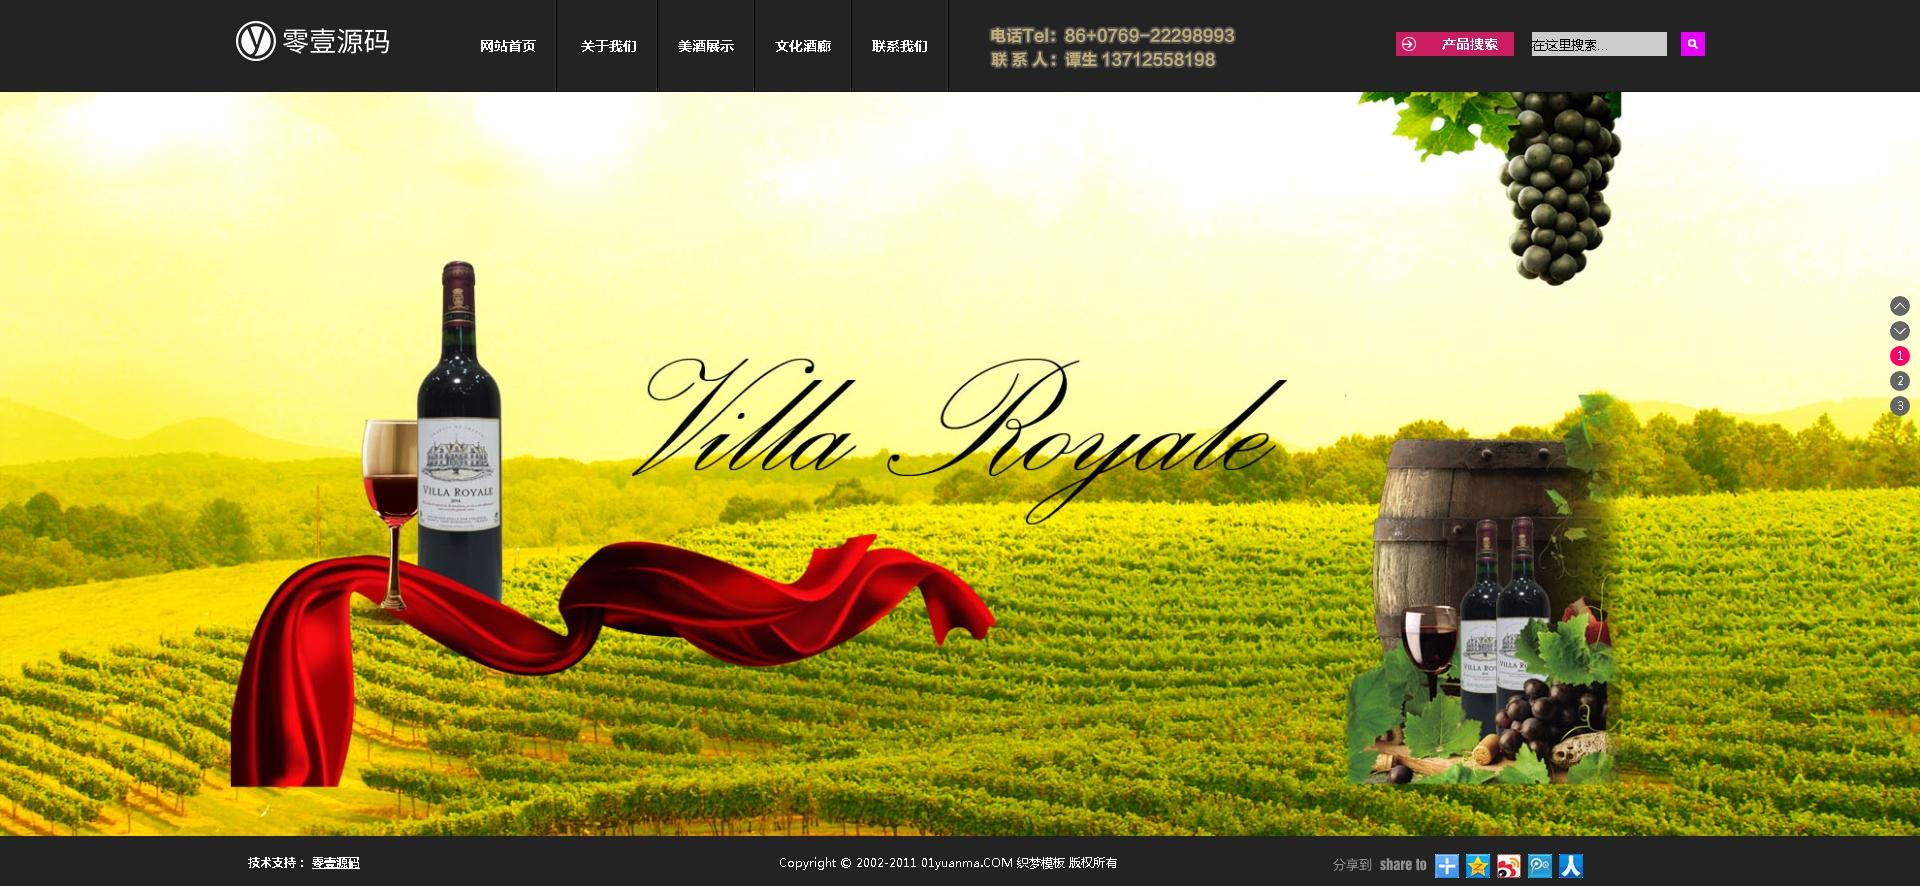 酒类酒业酒庄食品类网站织梦dedecms模板